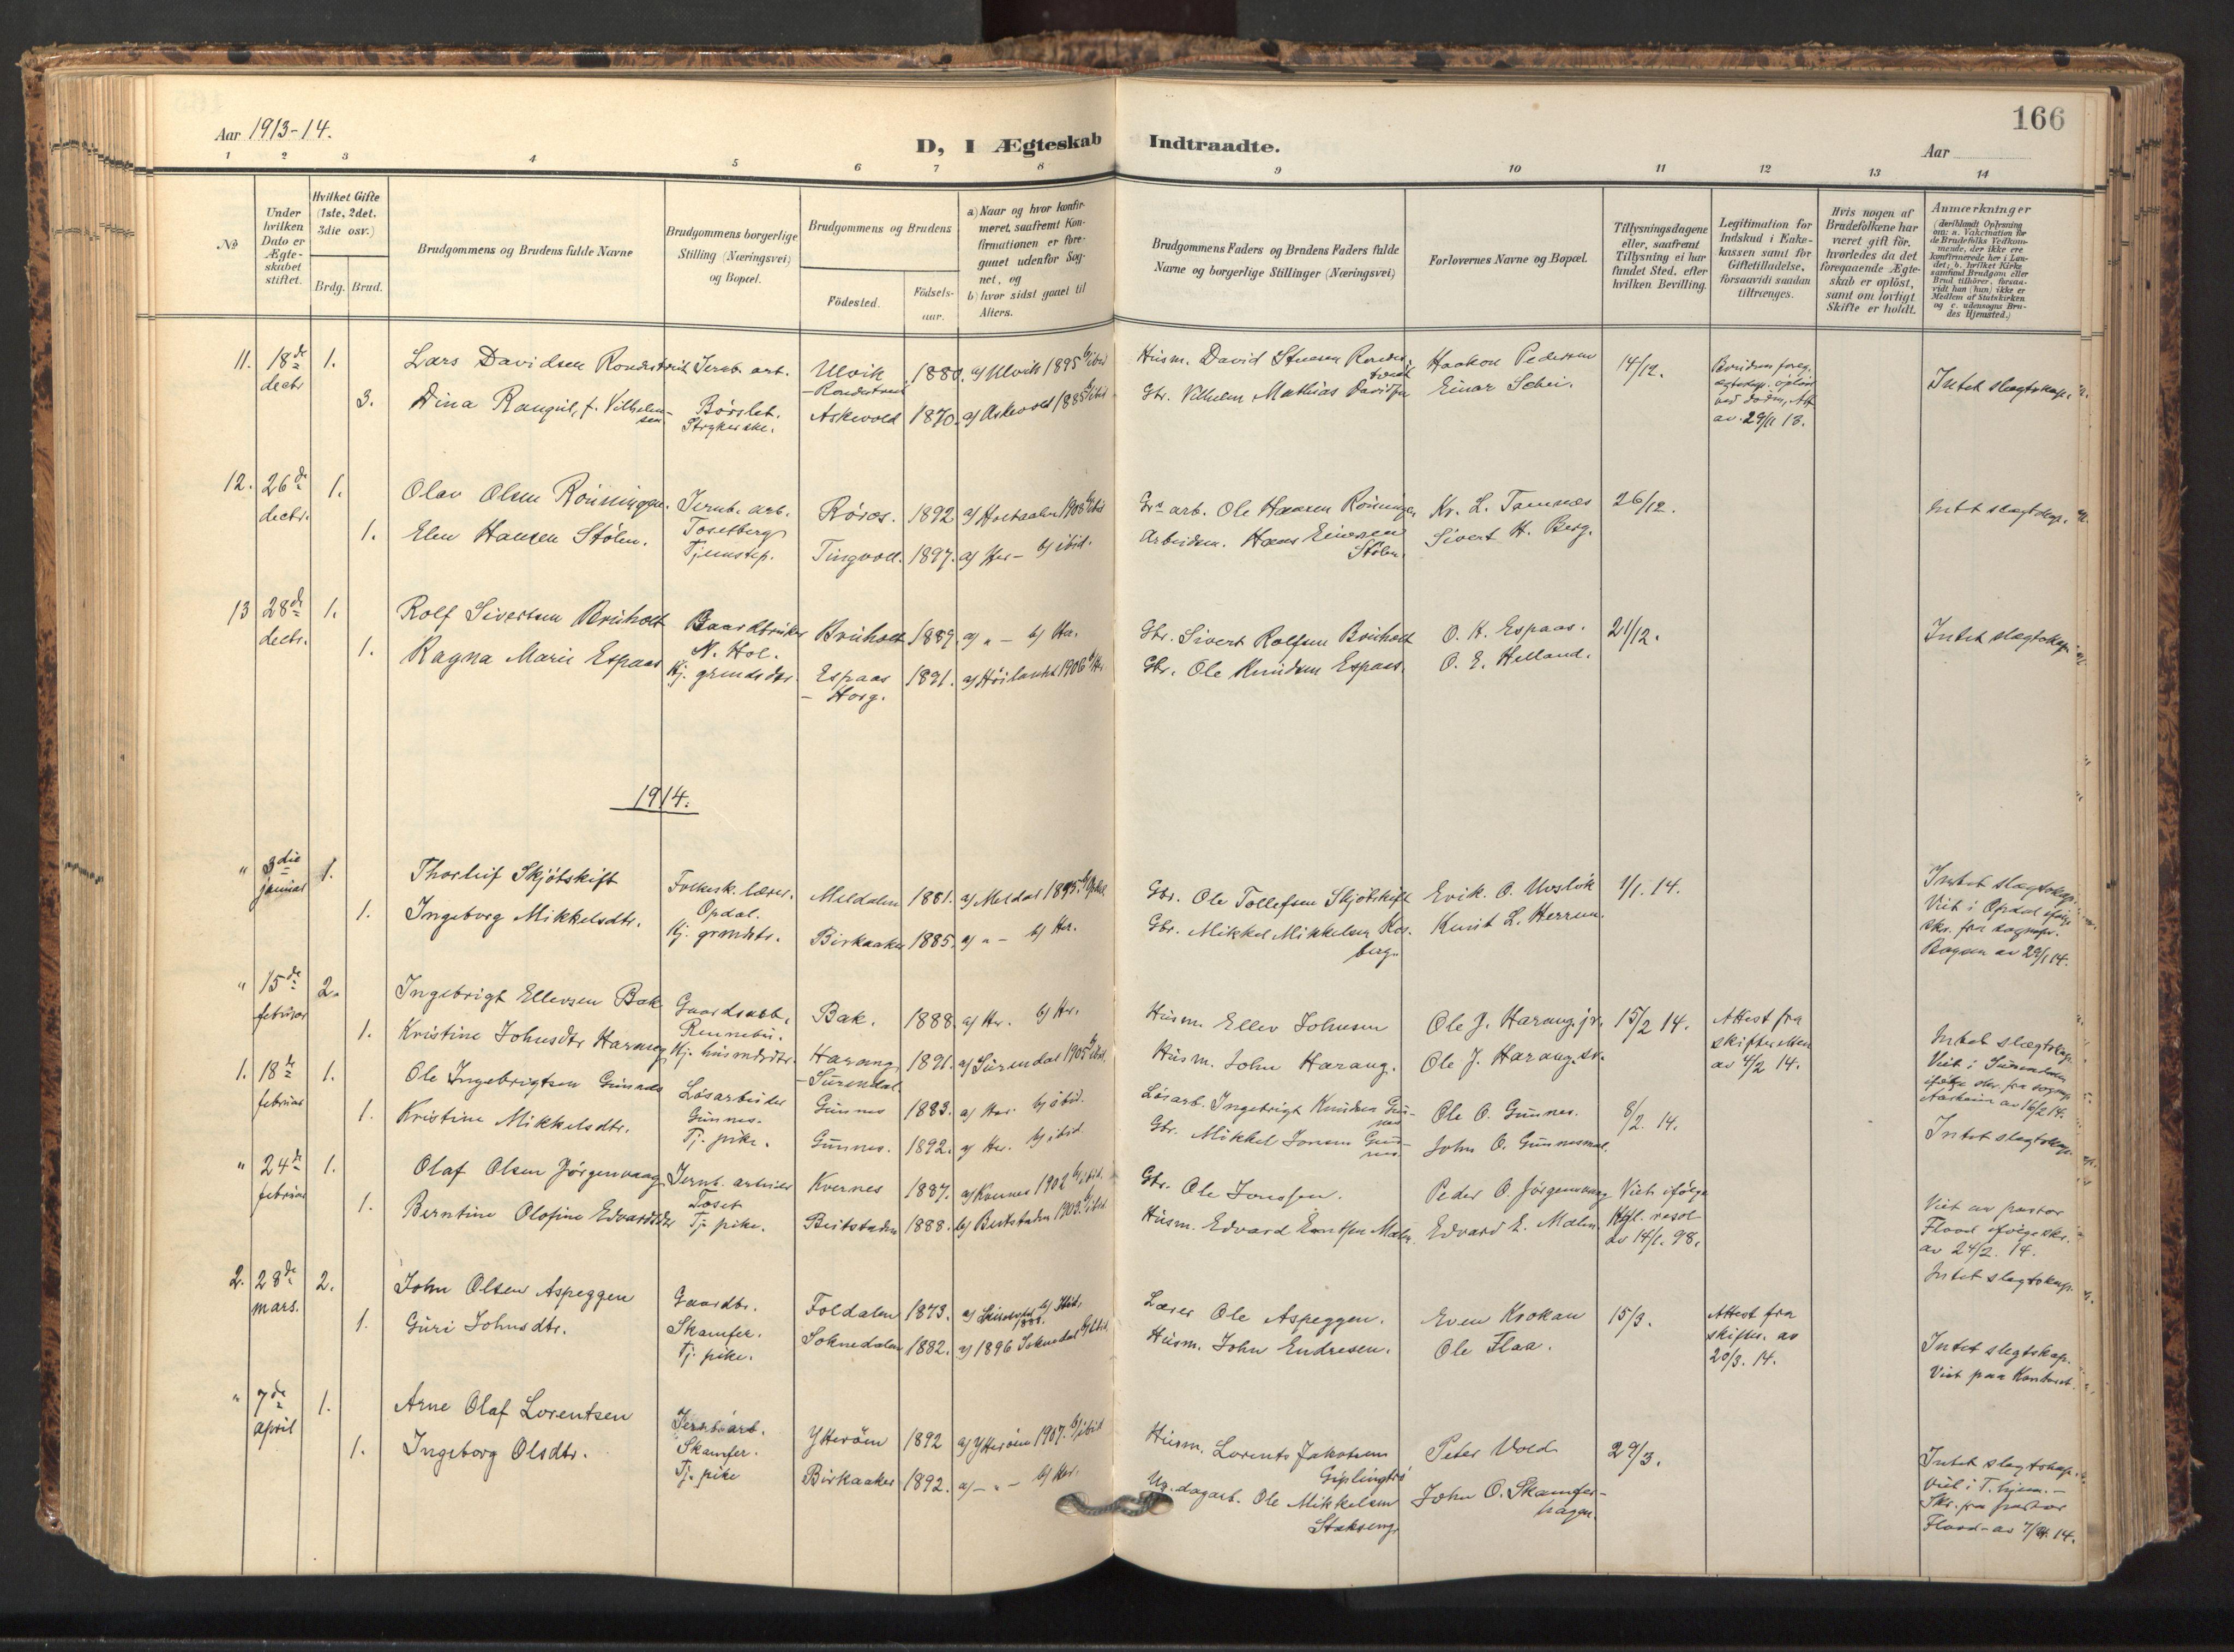 SAT, Ministerialprotokoller, klokkerbøker og fødselsregistre - Sør-Trøndelag, 674/L0873: Ministerialbok nr. 674A05, 1908-1923, s. 166